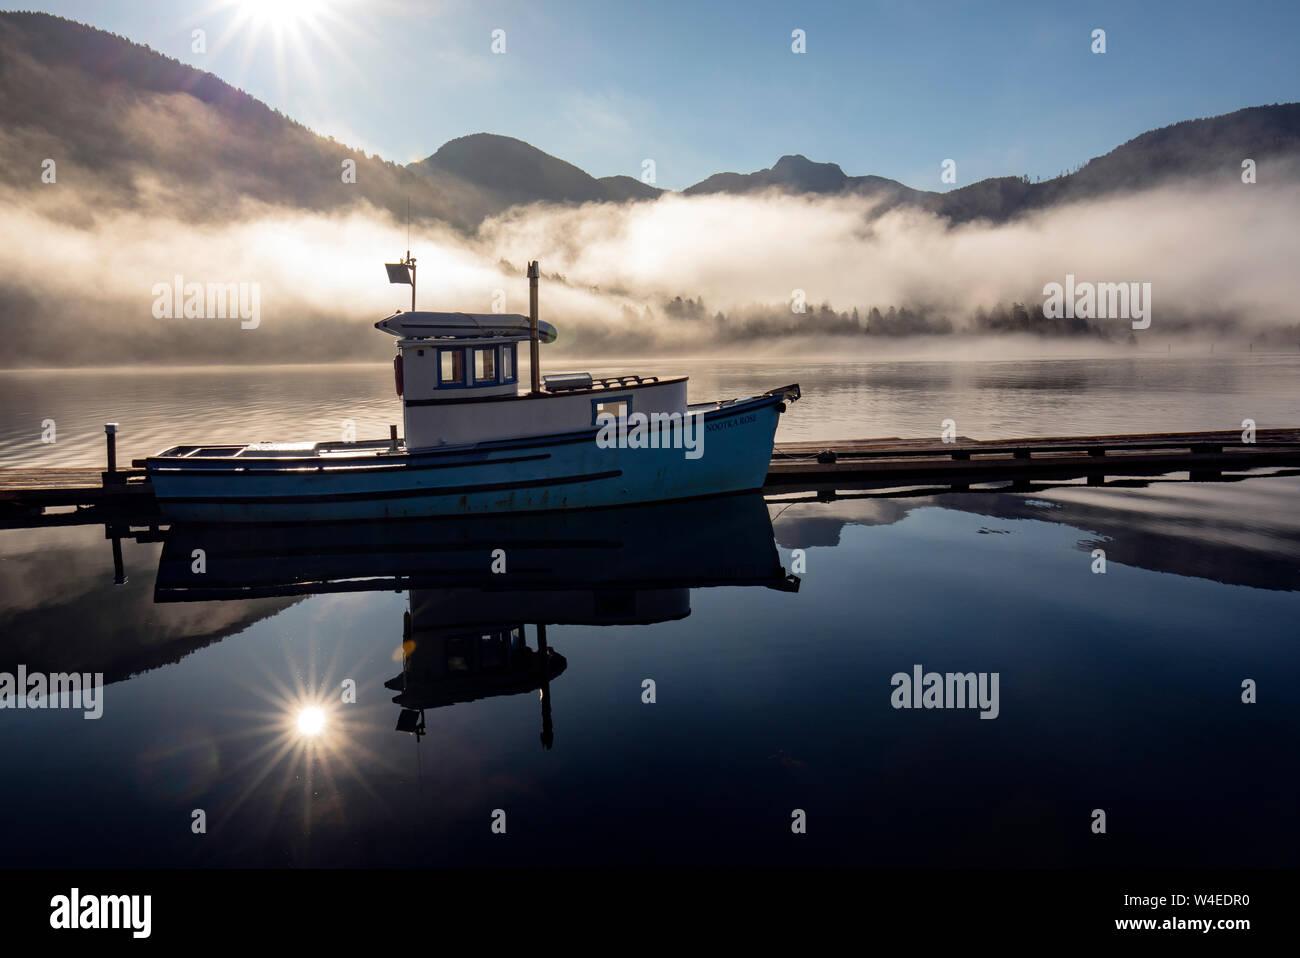 Barco de pesca reflexiones al amanecer - Westview Marina en Tahsis, cerca del Río de Oro, en la isla de Vancouver, British Columbia, Canadá Foto de stock